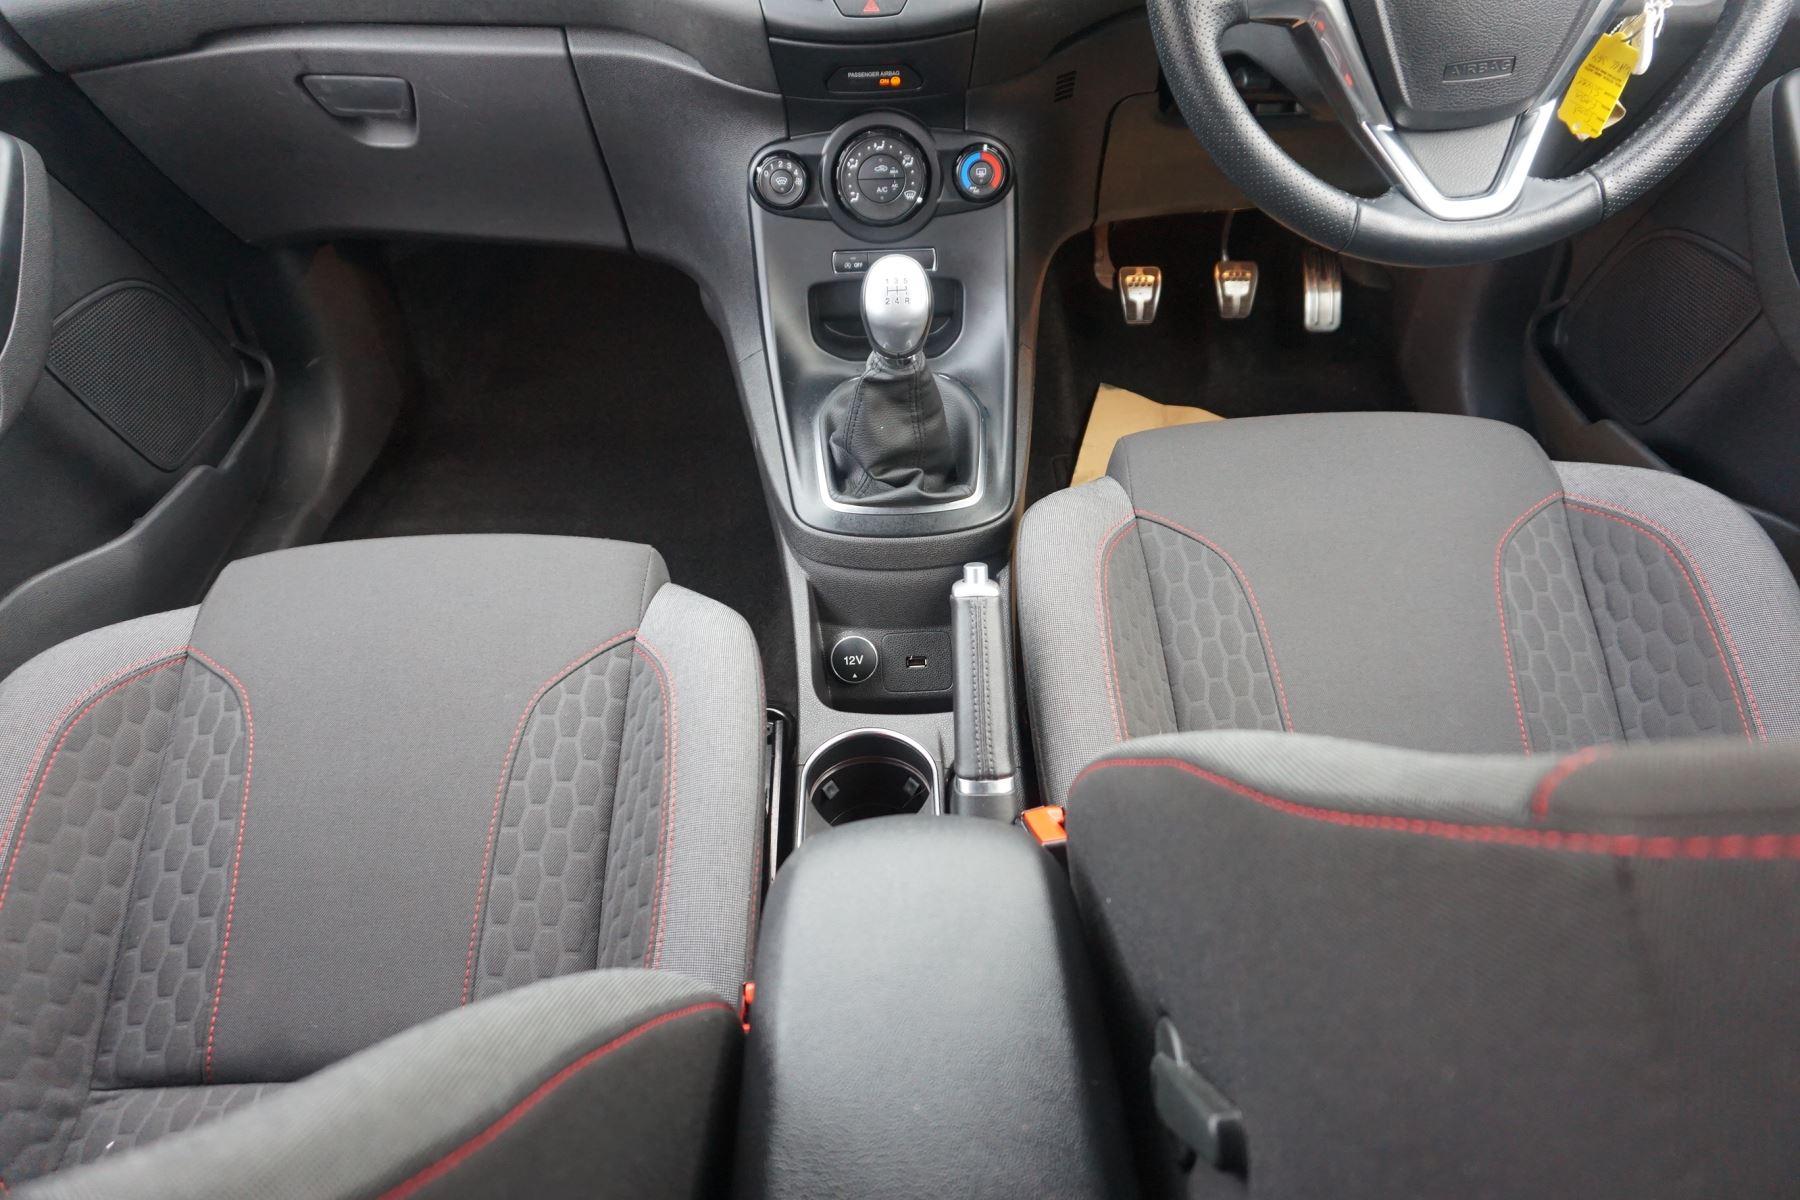 Ford Fiesta 1.0 EcoBoost 125 ST-Line 5dr image 13